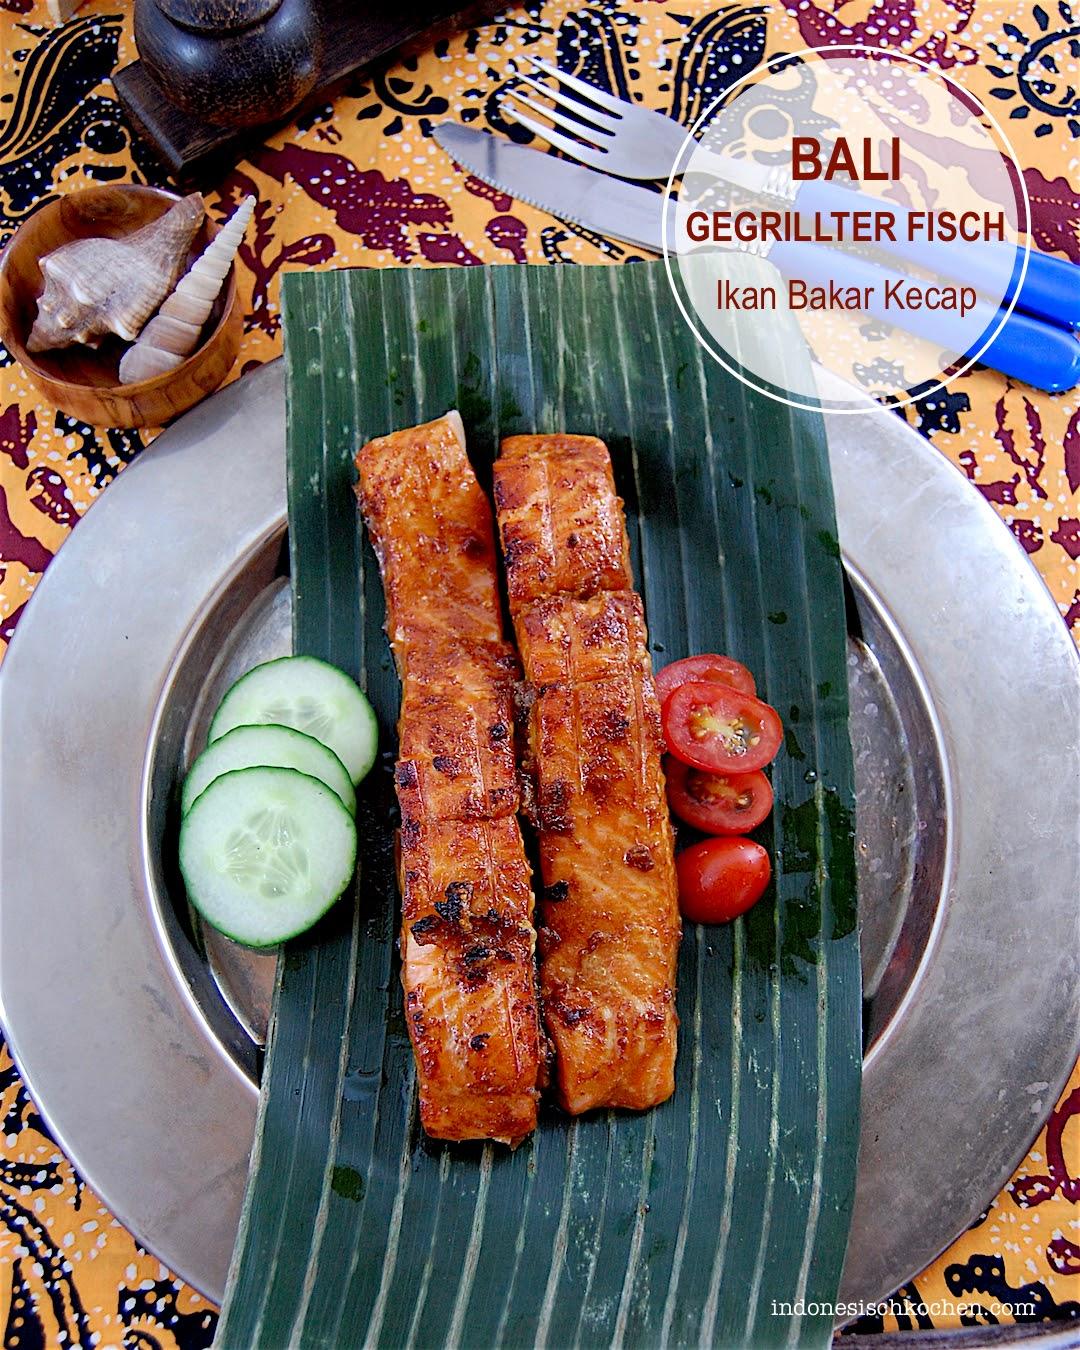 Bali Streetfood: Gegrillter Fisch Kecap Manis Marinade